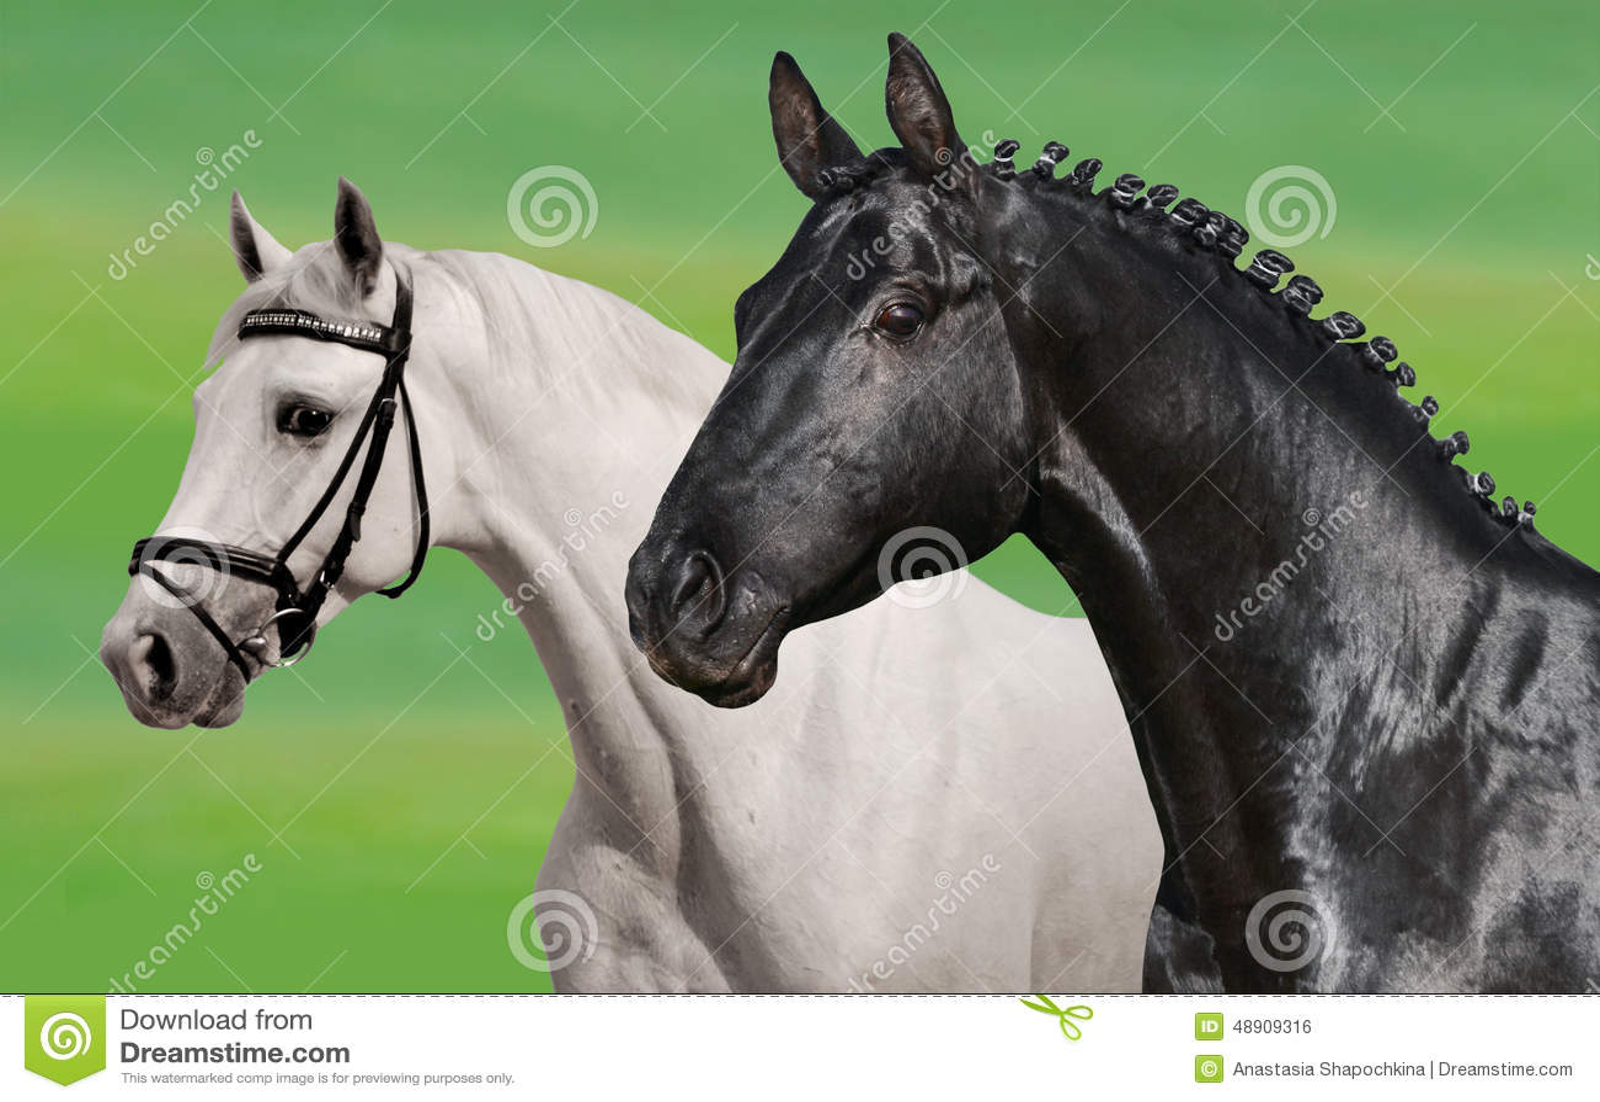 cavalli bianchi e neri fotografia stock  immagine di bello